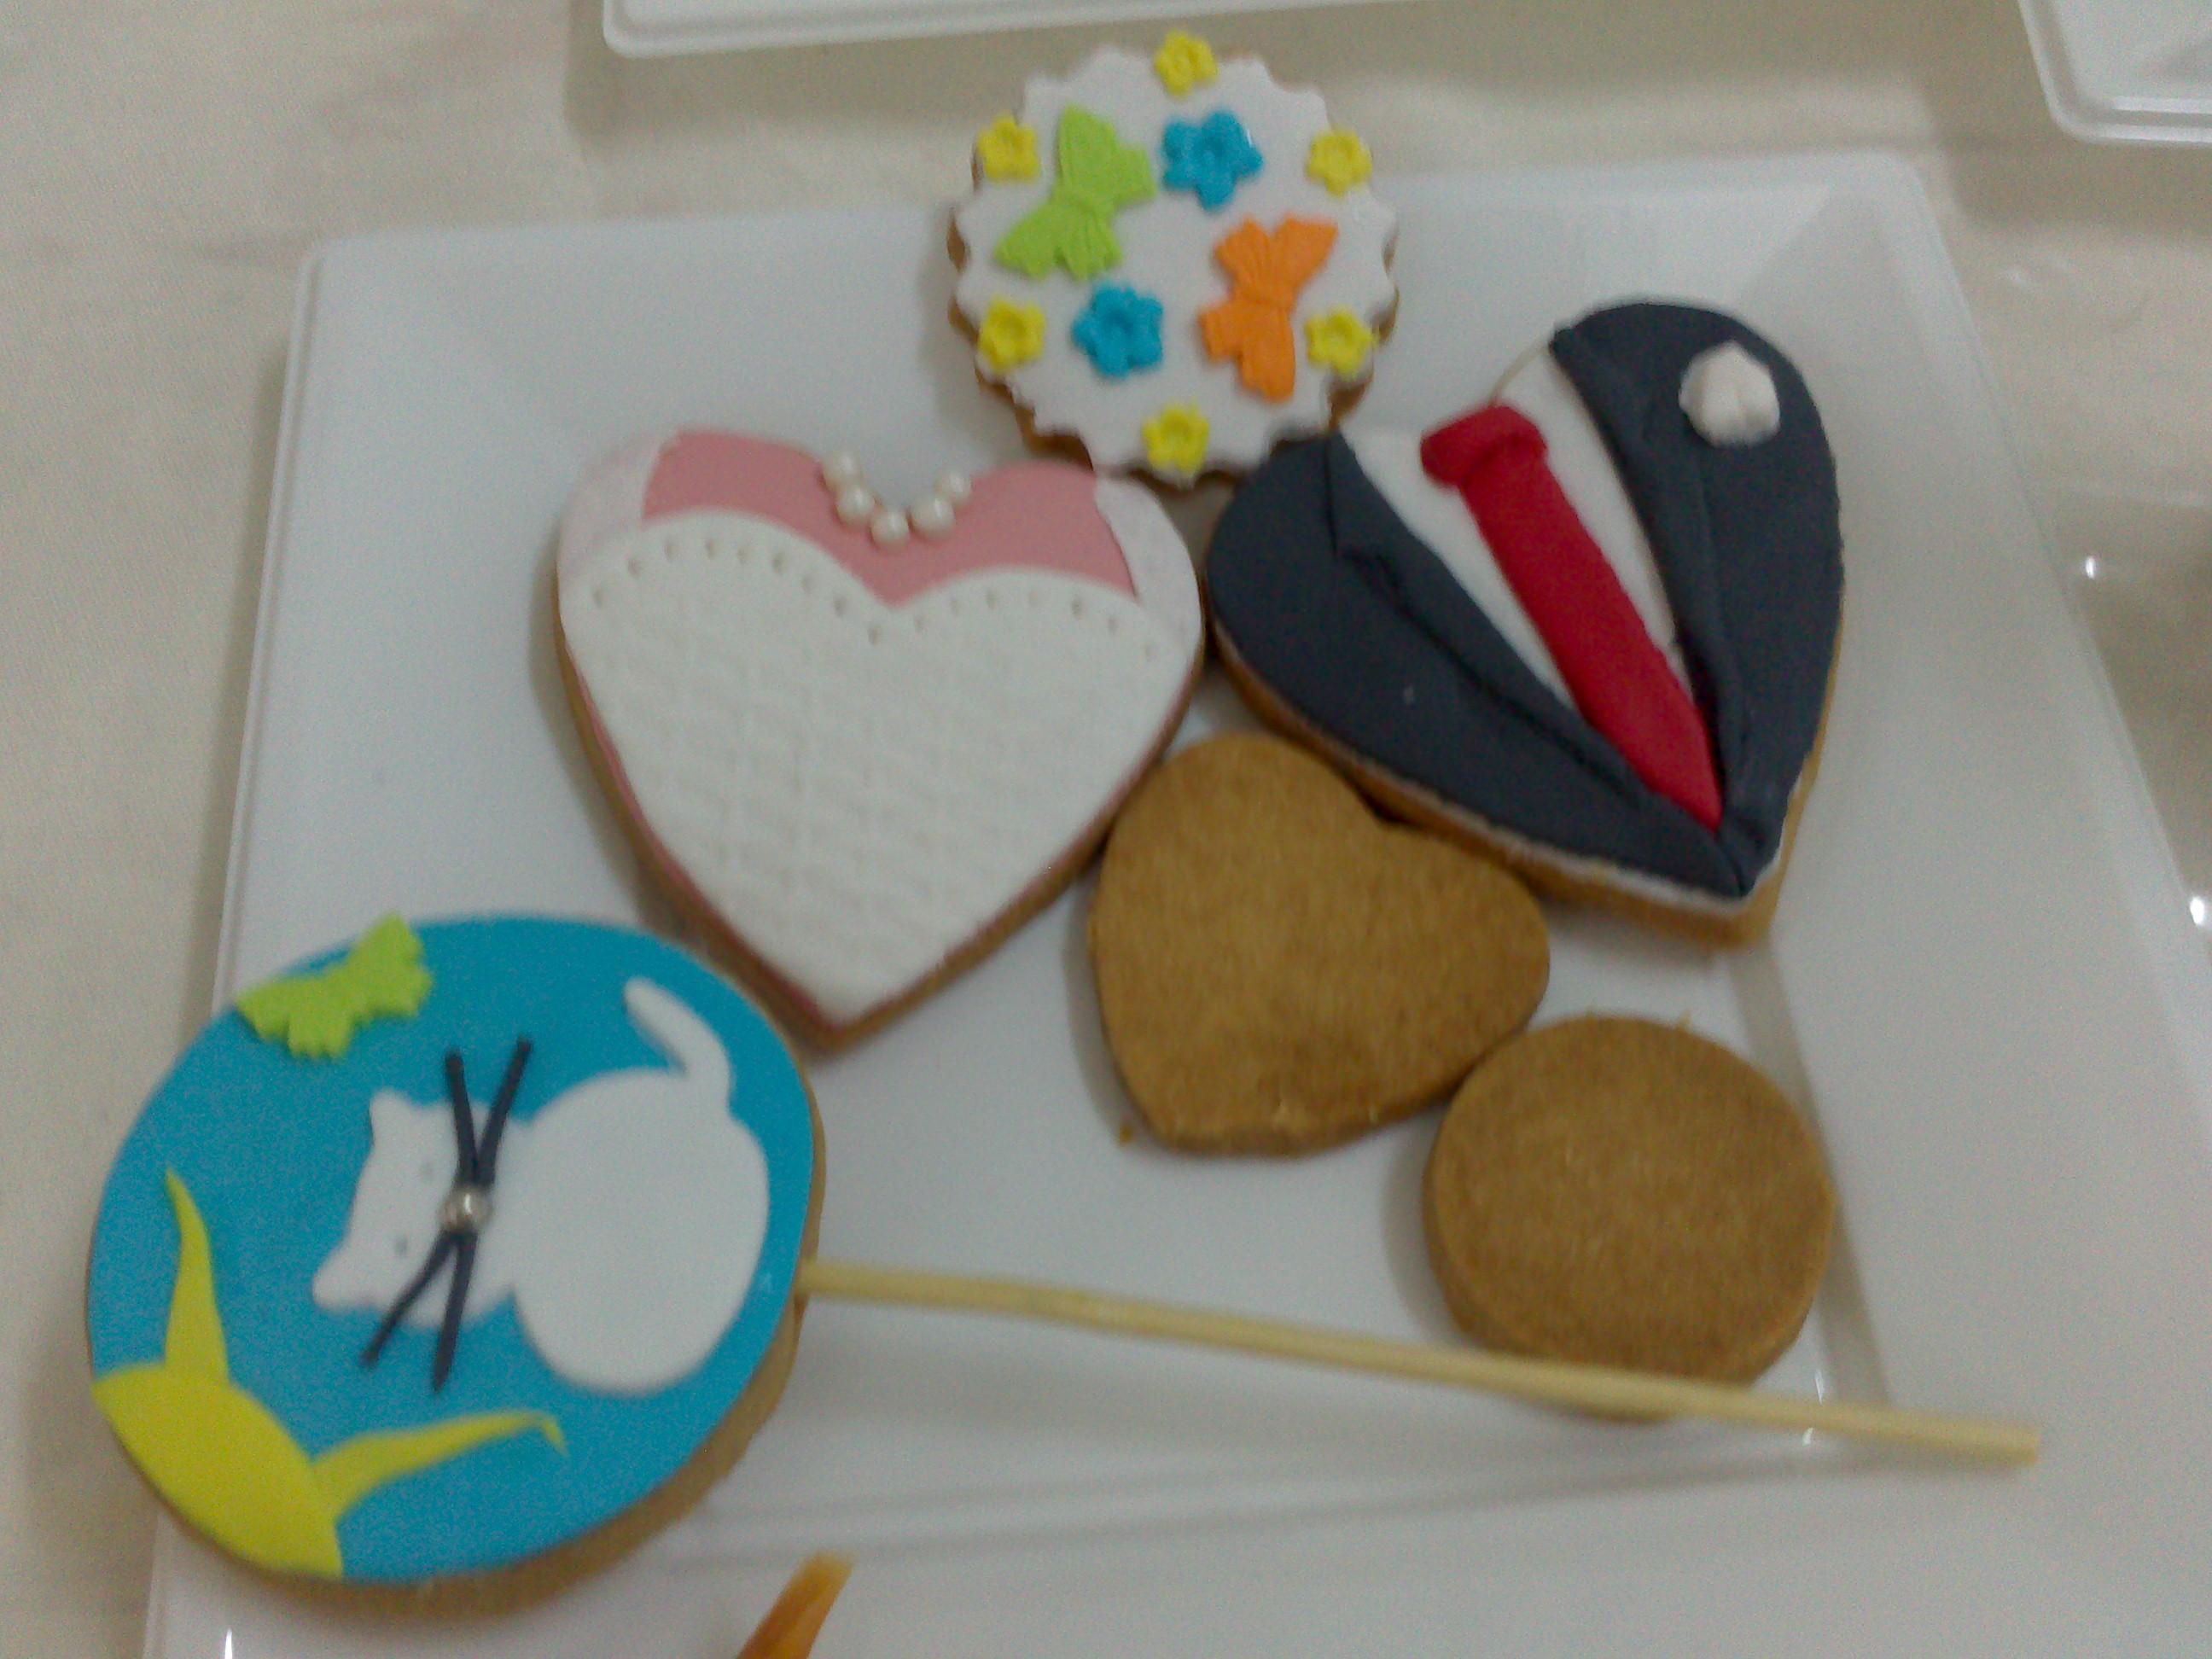 galletas-decoradas-taller-reposteria-adoraideas-boda